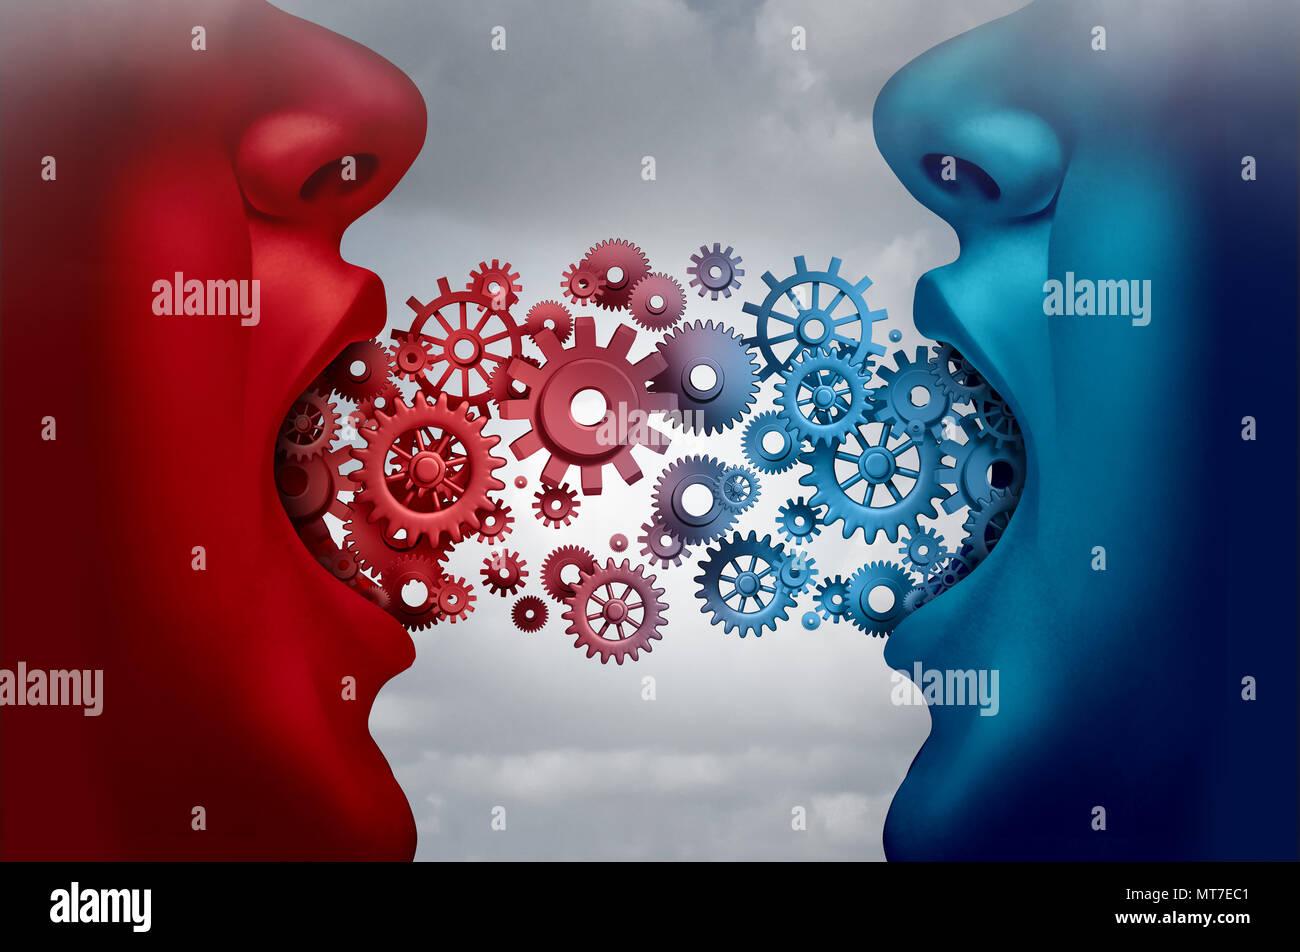 Kommunikation ist das Konzept und die Vereinbarung als zwei Unternehmen Partner in einem Austausch mit witchblade Räder mit 3-D-Abbildung Elemente. Stockbild